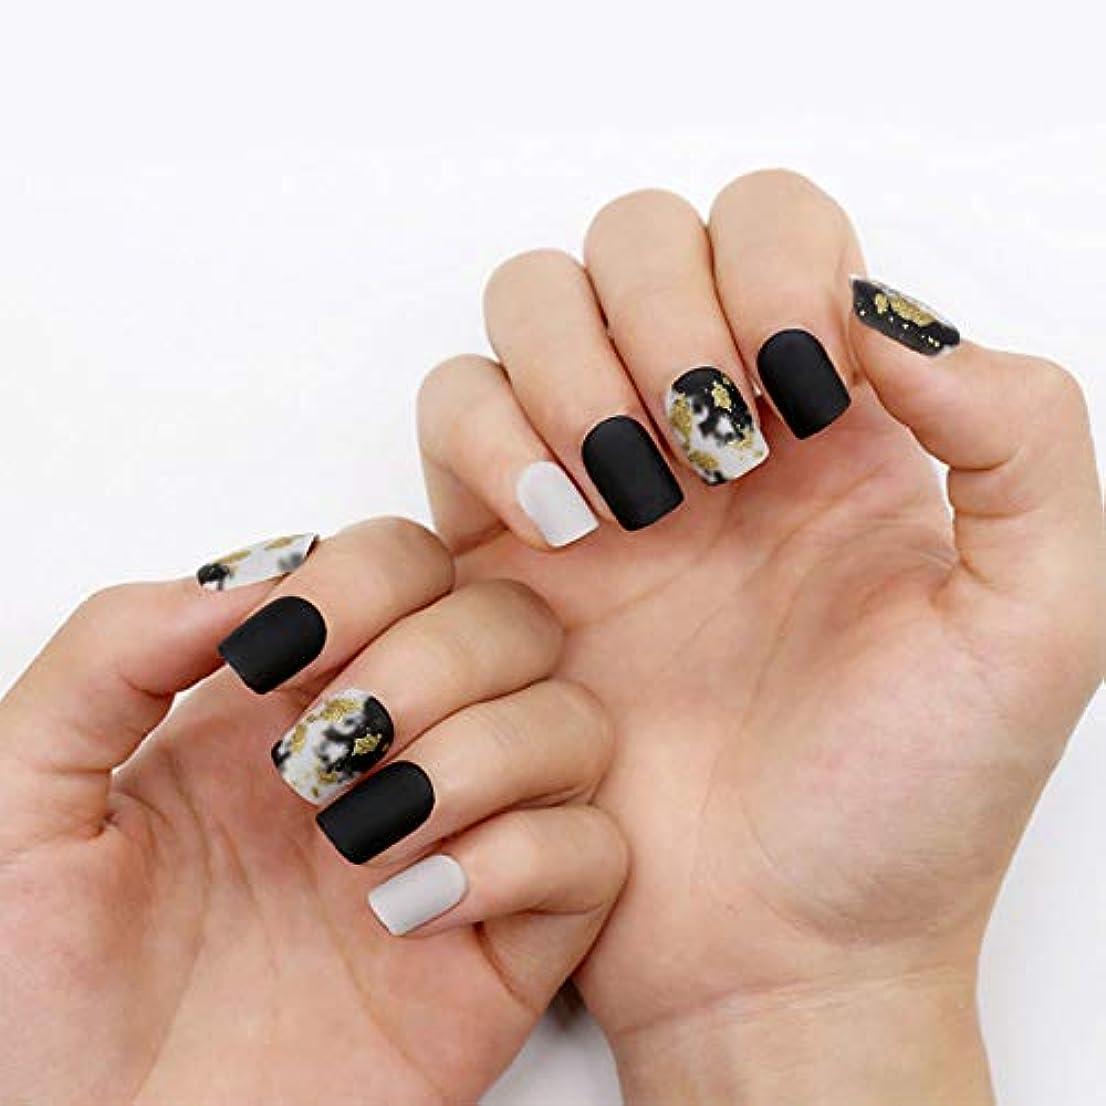 はい満足毎年ネイルチップ 12サイズ 夏の 優雅 黒 つけ爪 ネイル用品 ショート デコレーション 無地 付け爪